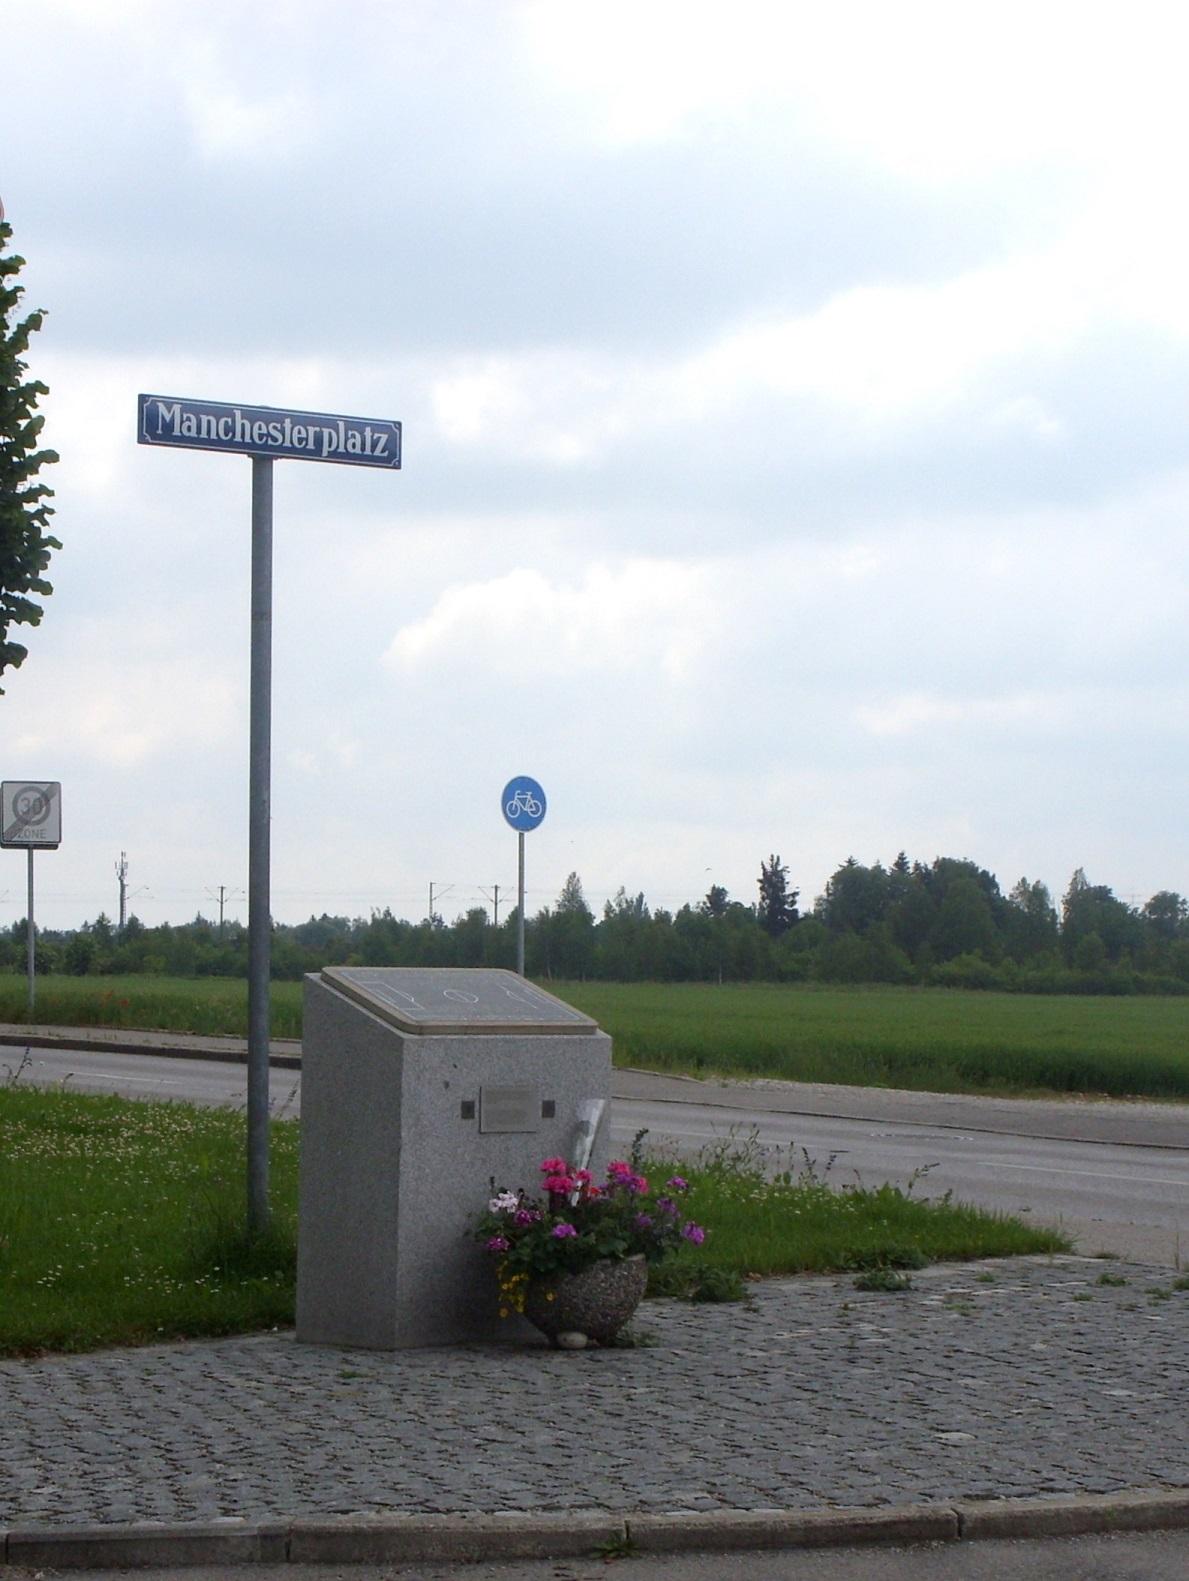 Piedra de granito situada a escasos metros del lugar del accidente, en Múnich (WIKIPEDIA).